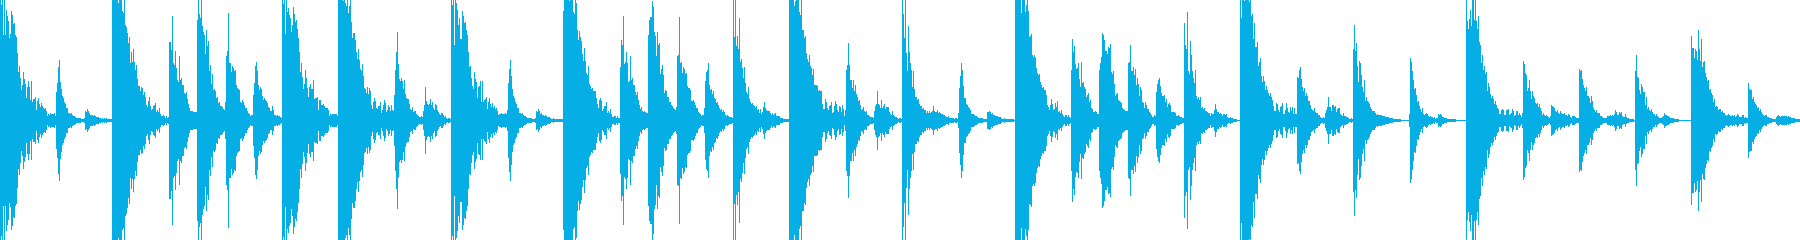 ドラムンベースのリズムループパターン#2の再生済みの波形